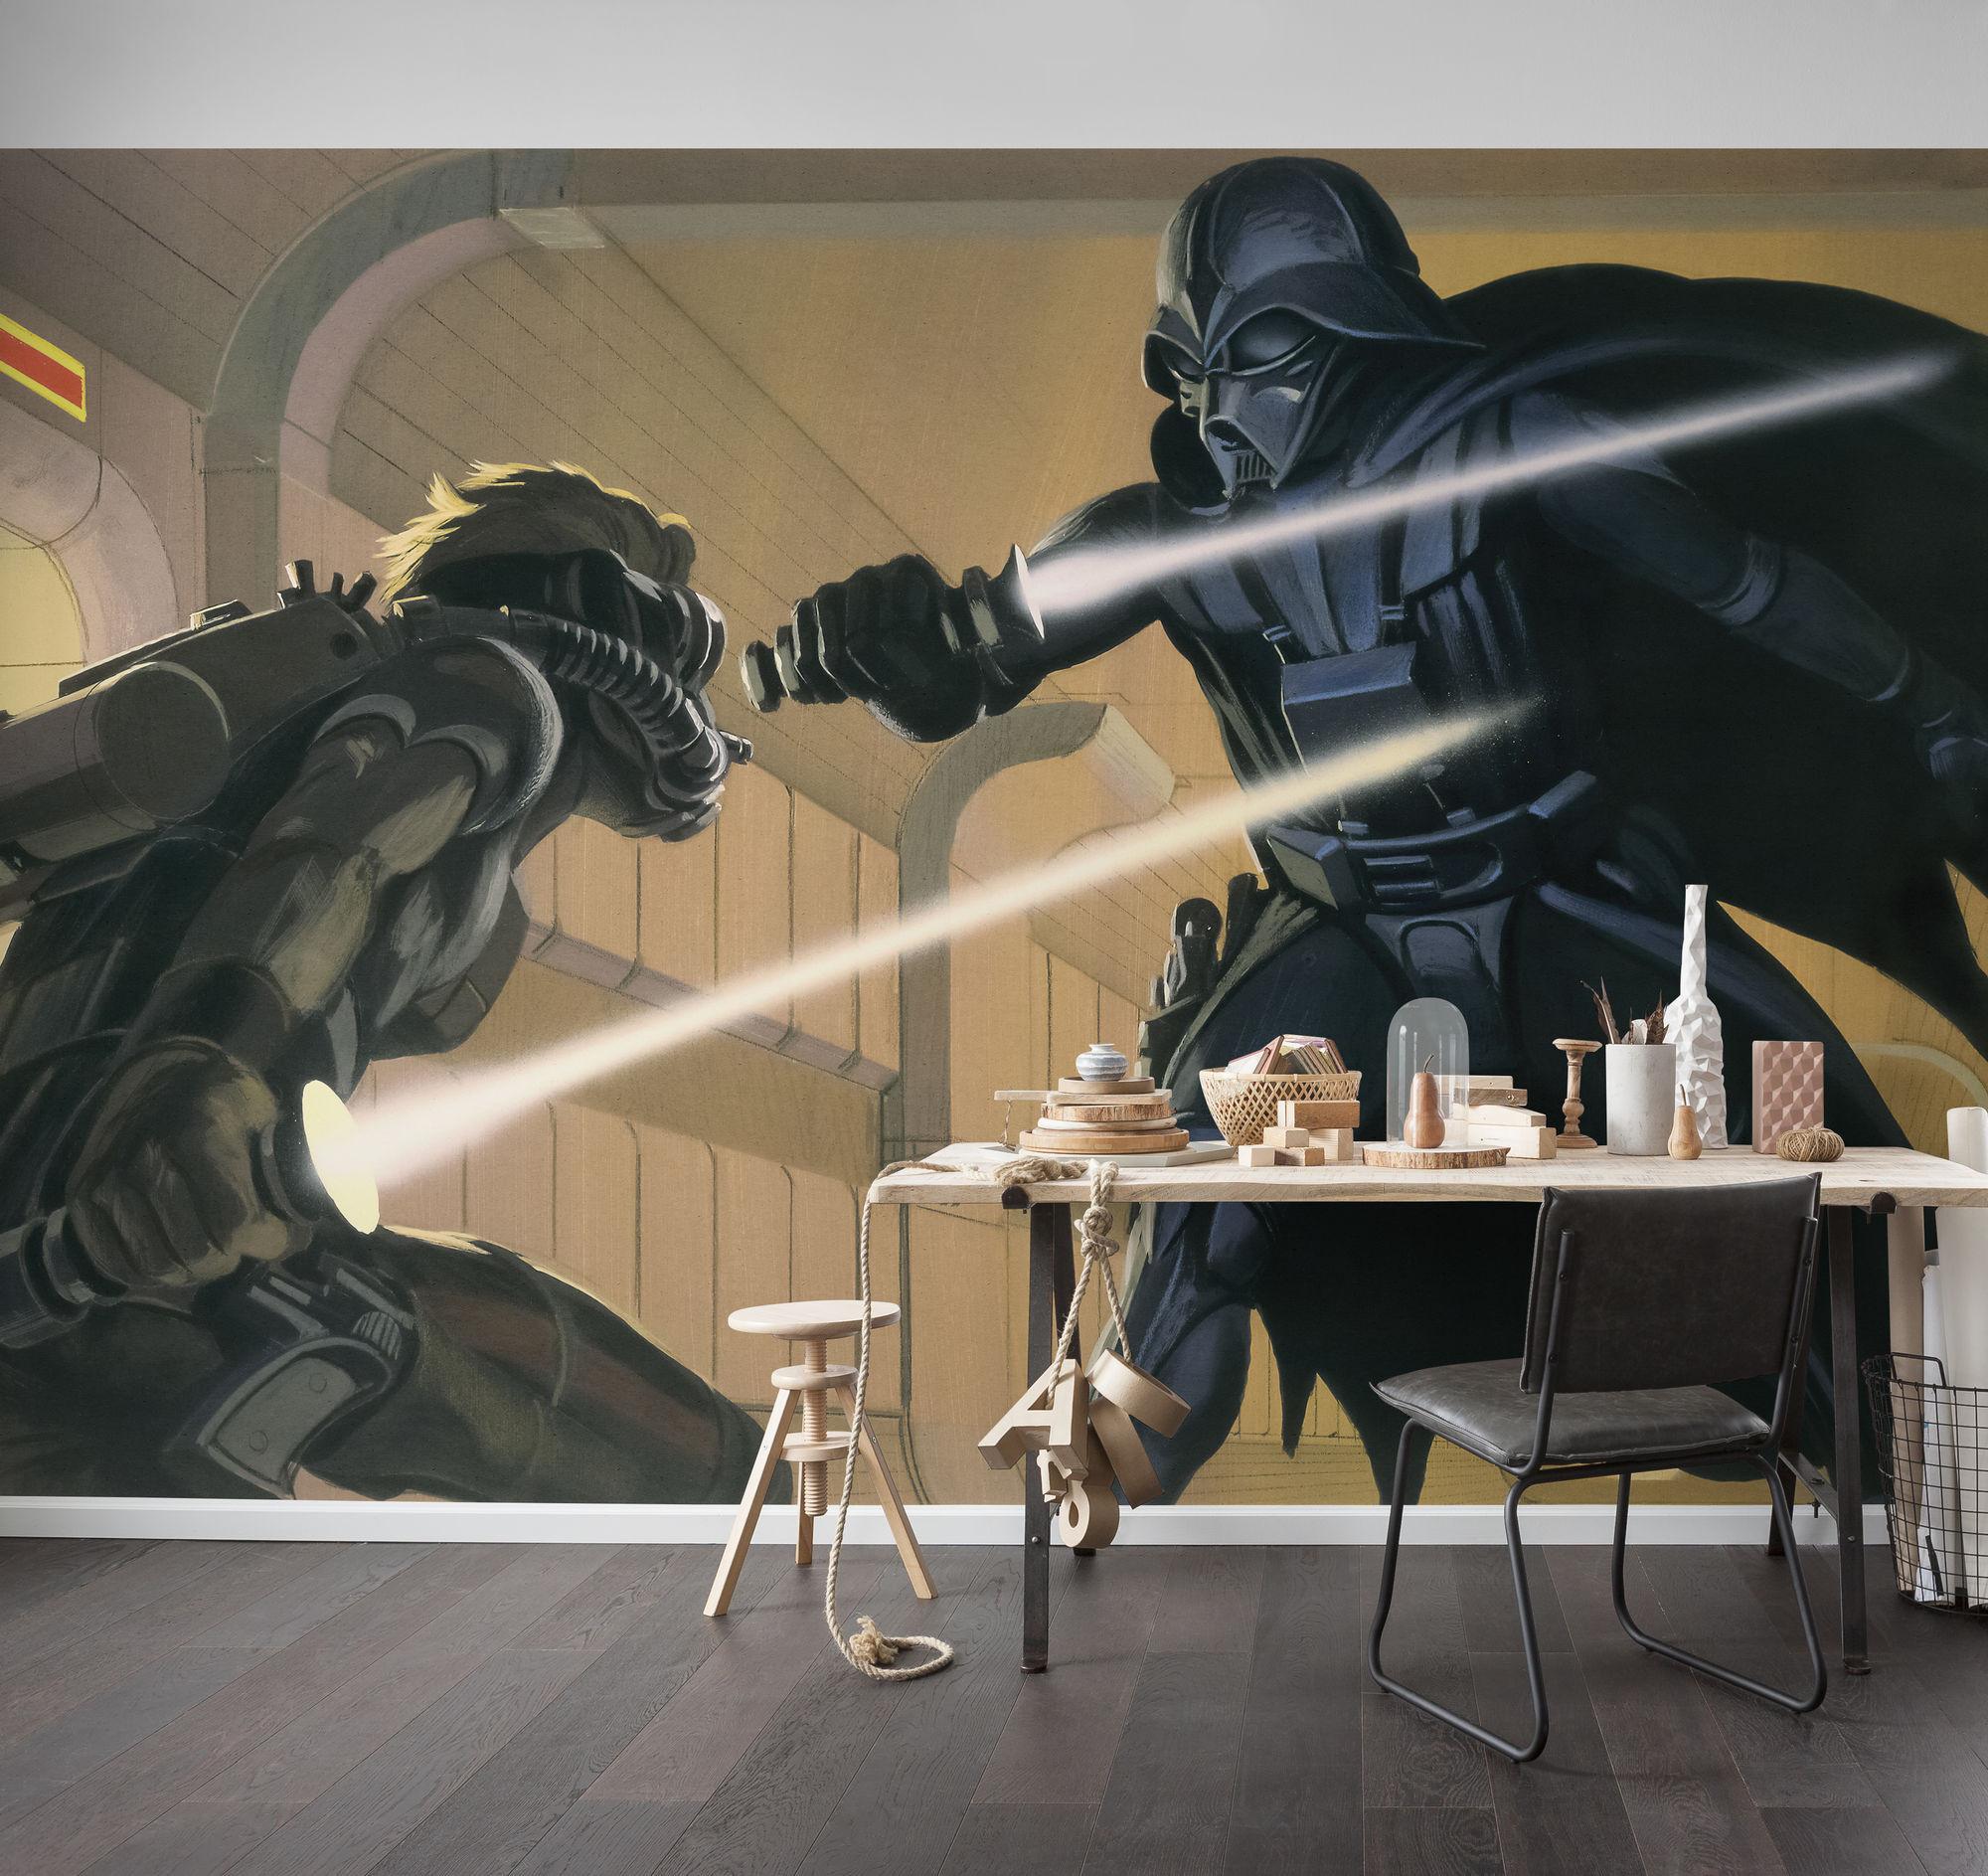 Star Wars Classic RMQ Vader vs Luke